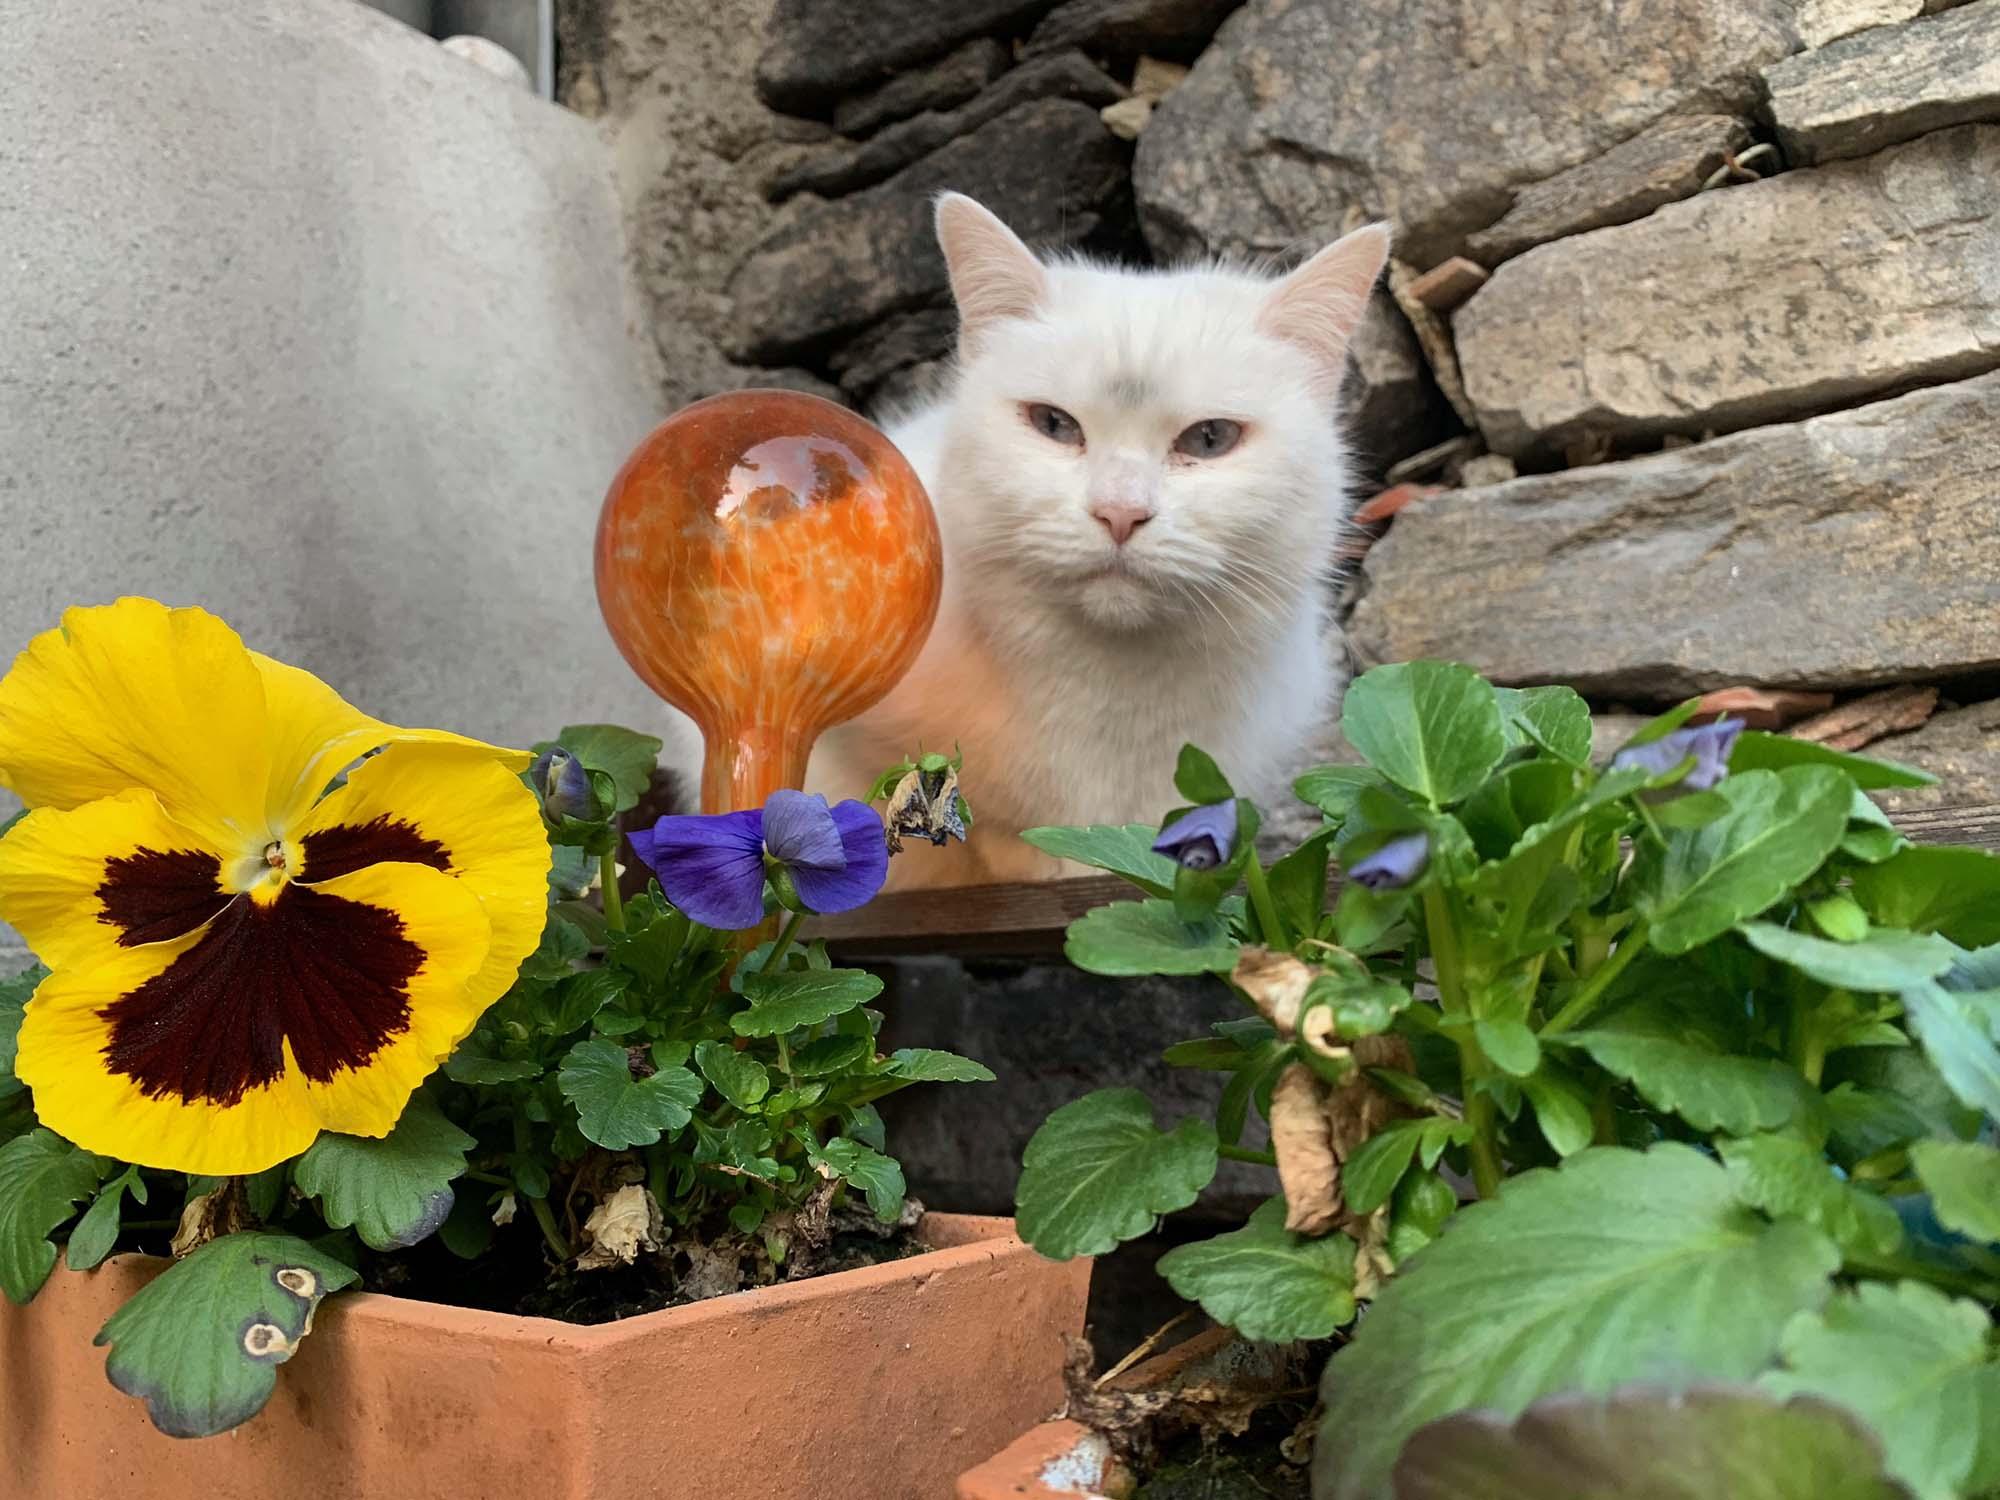 Gärtnerkatze